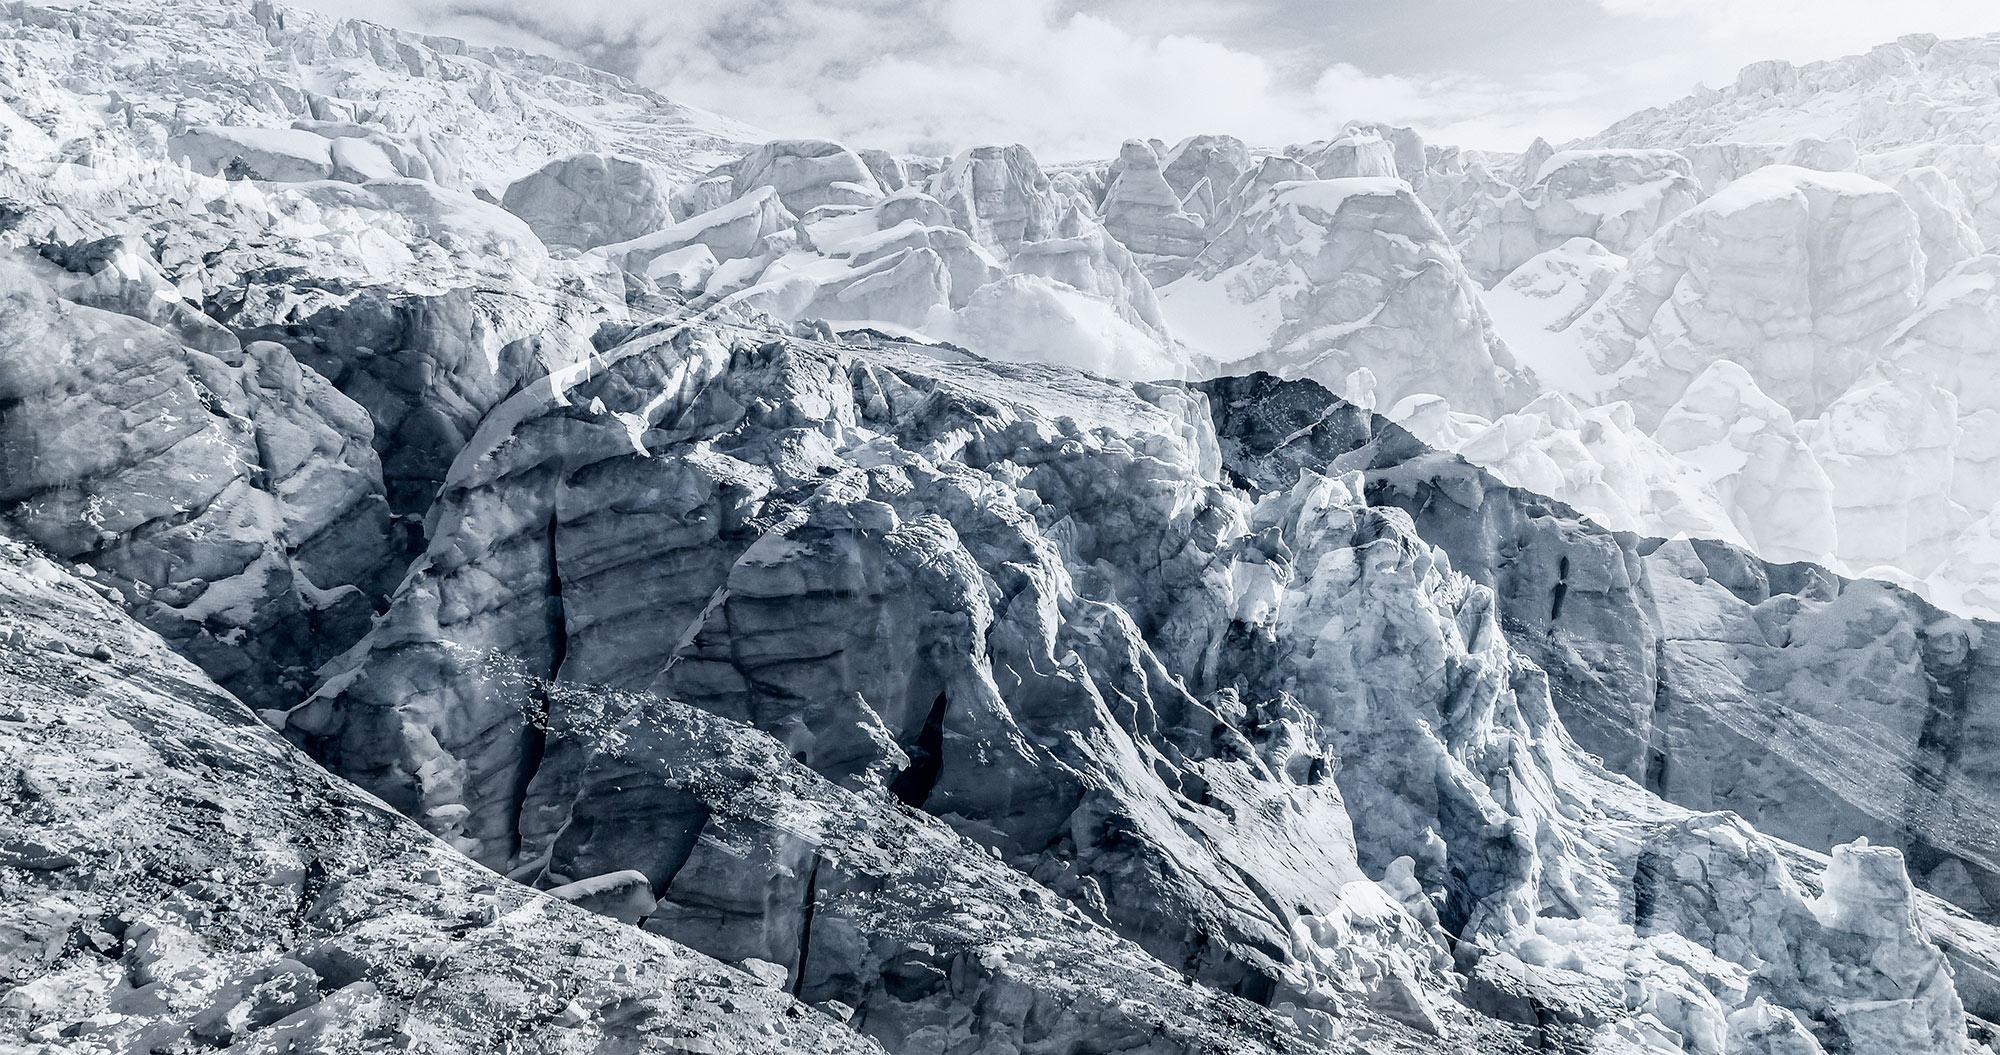 #84 Glaciers offset, 2017, photographie reconstruite à partir de bandes videos, réalisées sur les glaciers du Tour et de Ferpècle